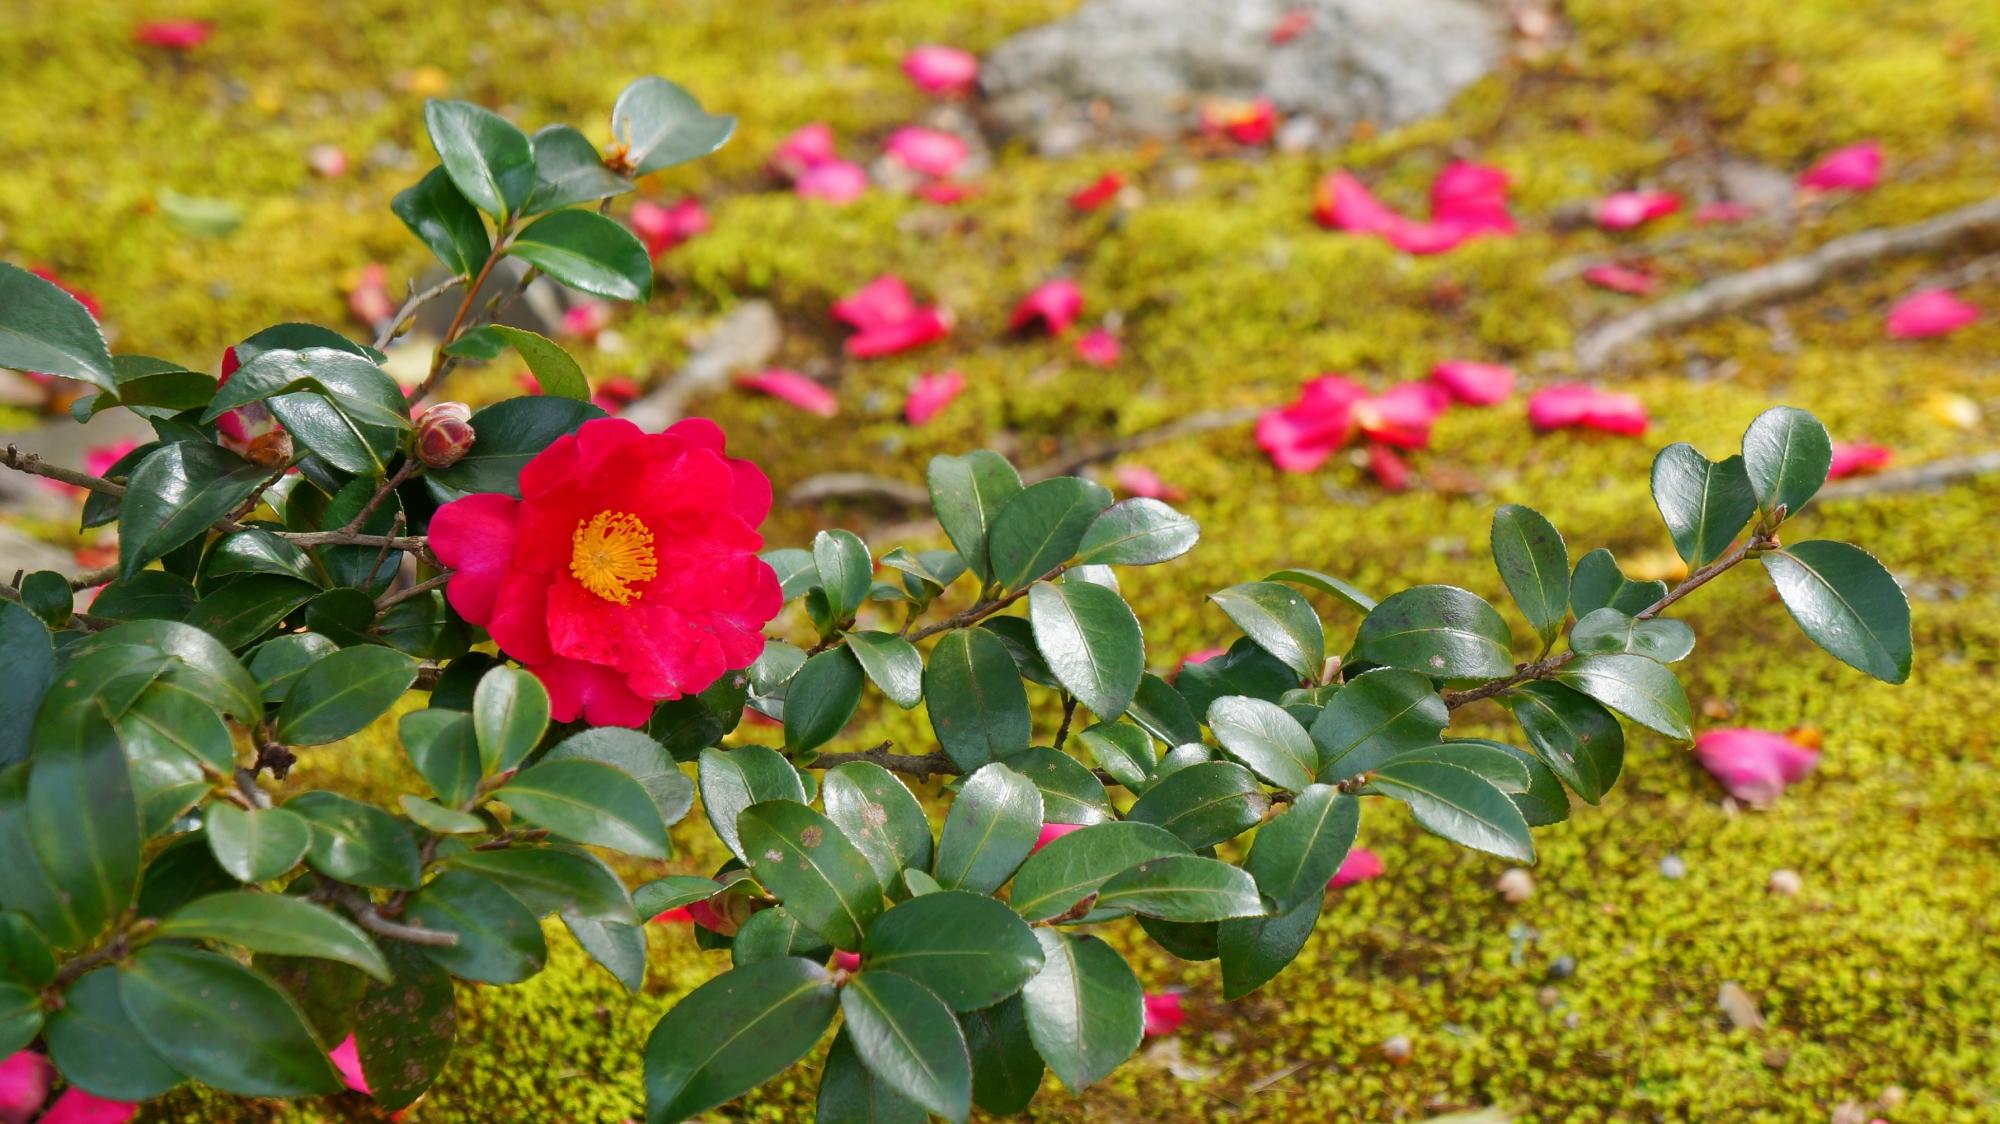 葉と苔の緑を華やぐ赤い山茶花と散った花びら